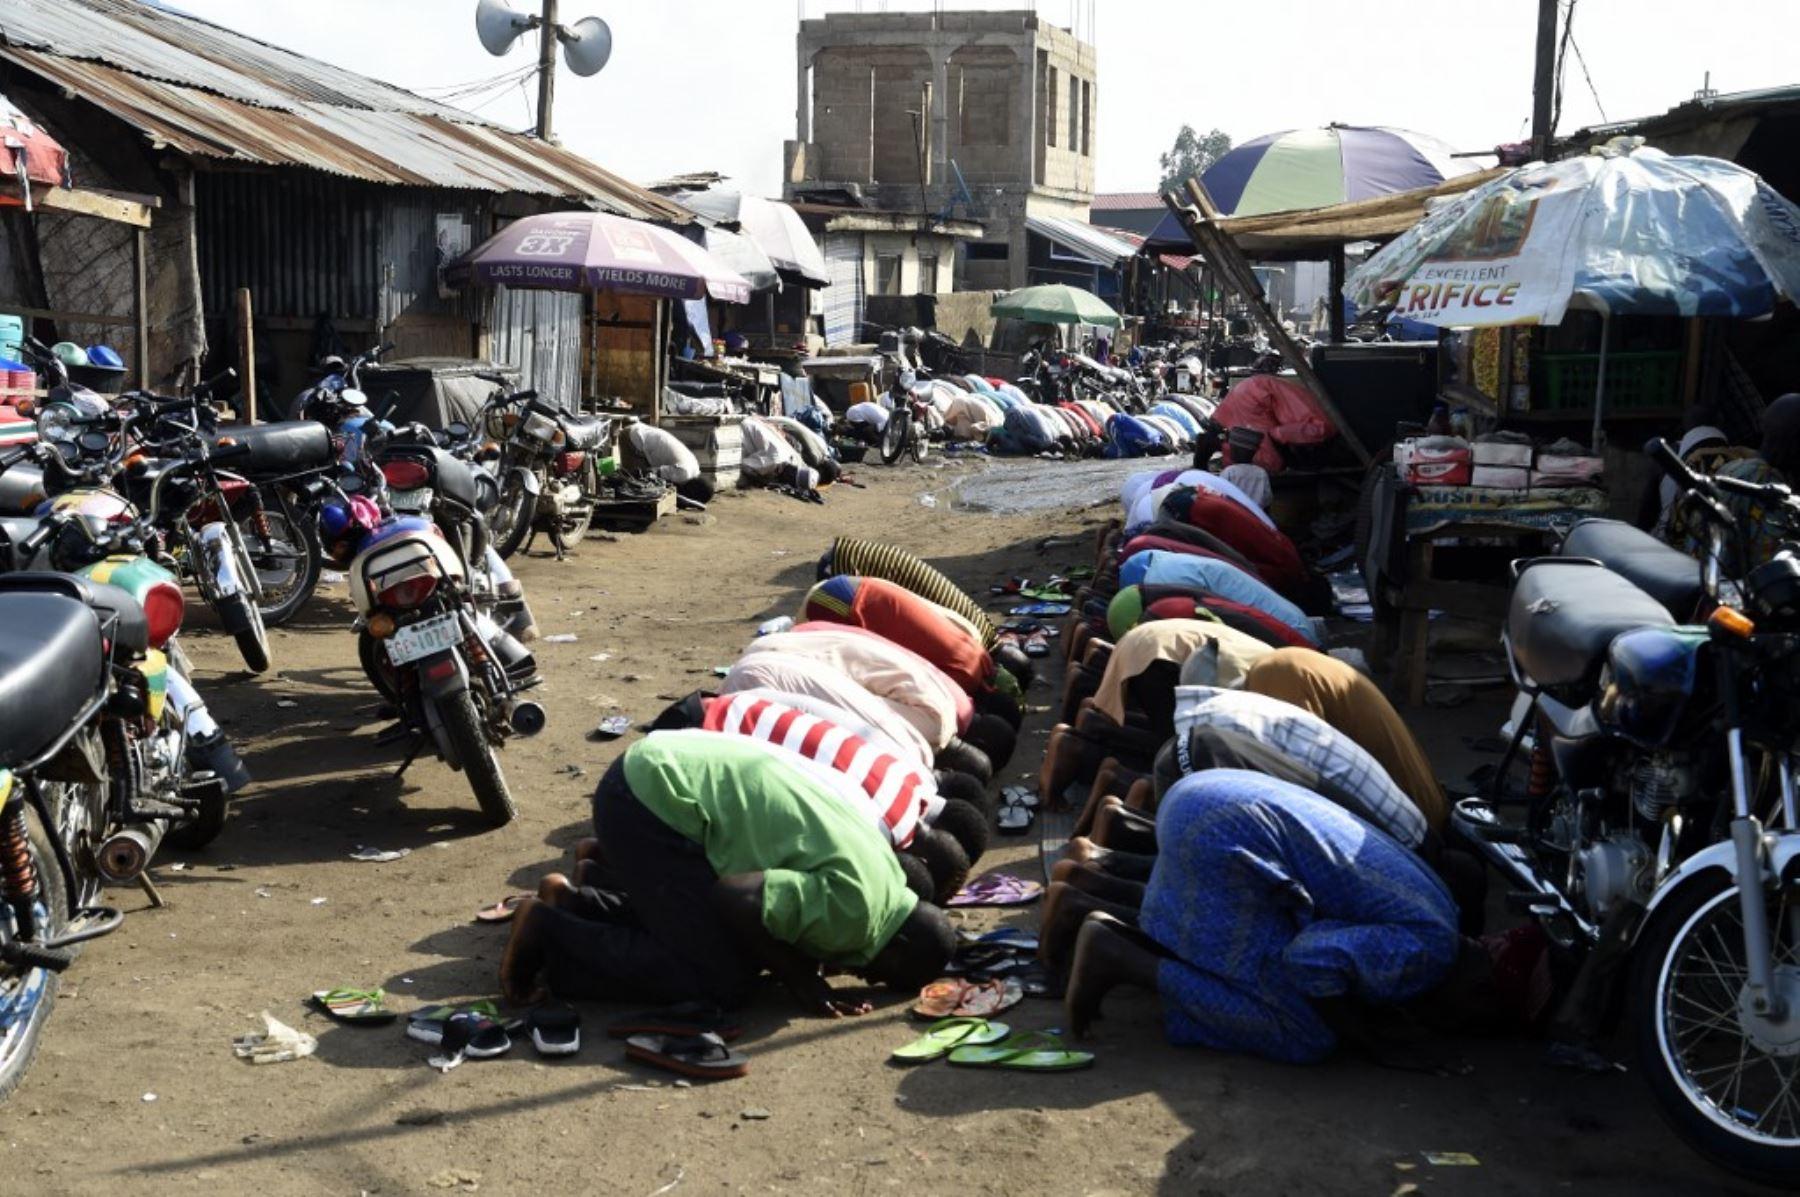 Los fieles se reúnen para realizar una oración para celebrar Eid al-Fitr en Kara Ibafo en el estado de Ogun. Foto: AFP